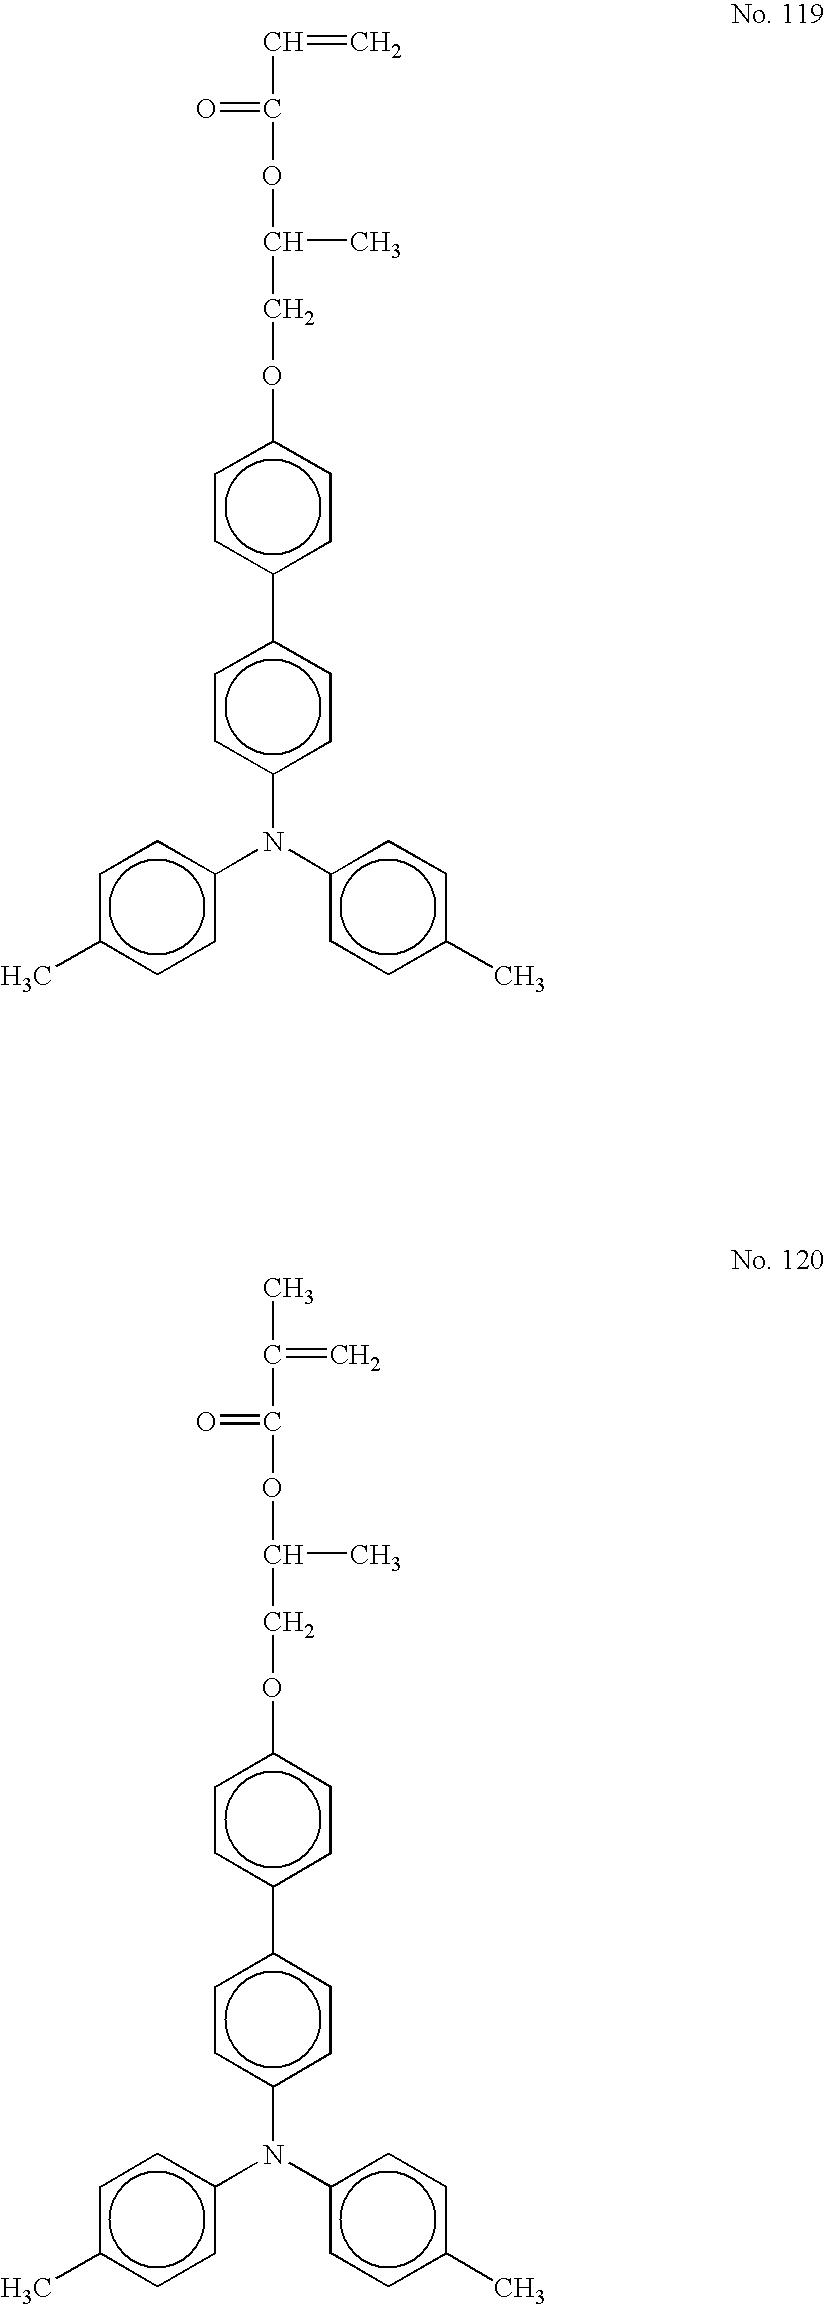 Figure US20060177749A1-20060810-C00059